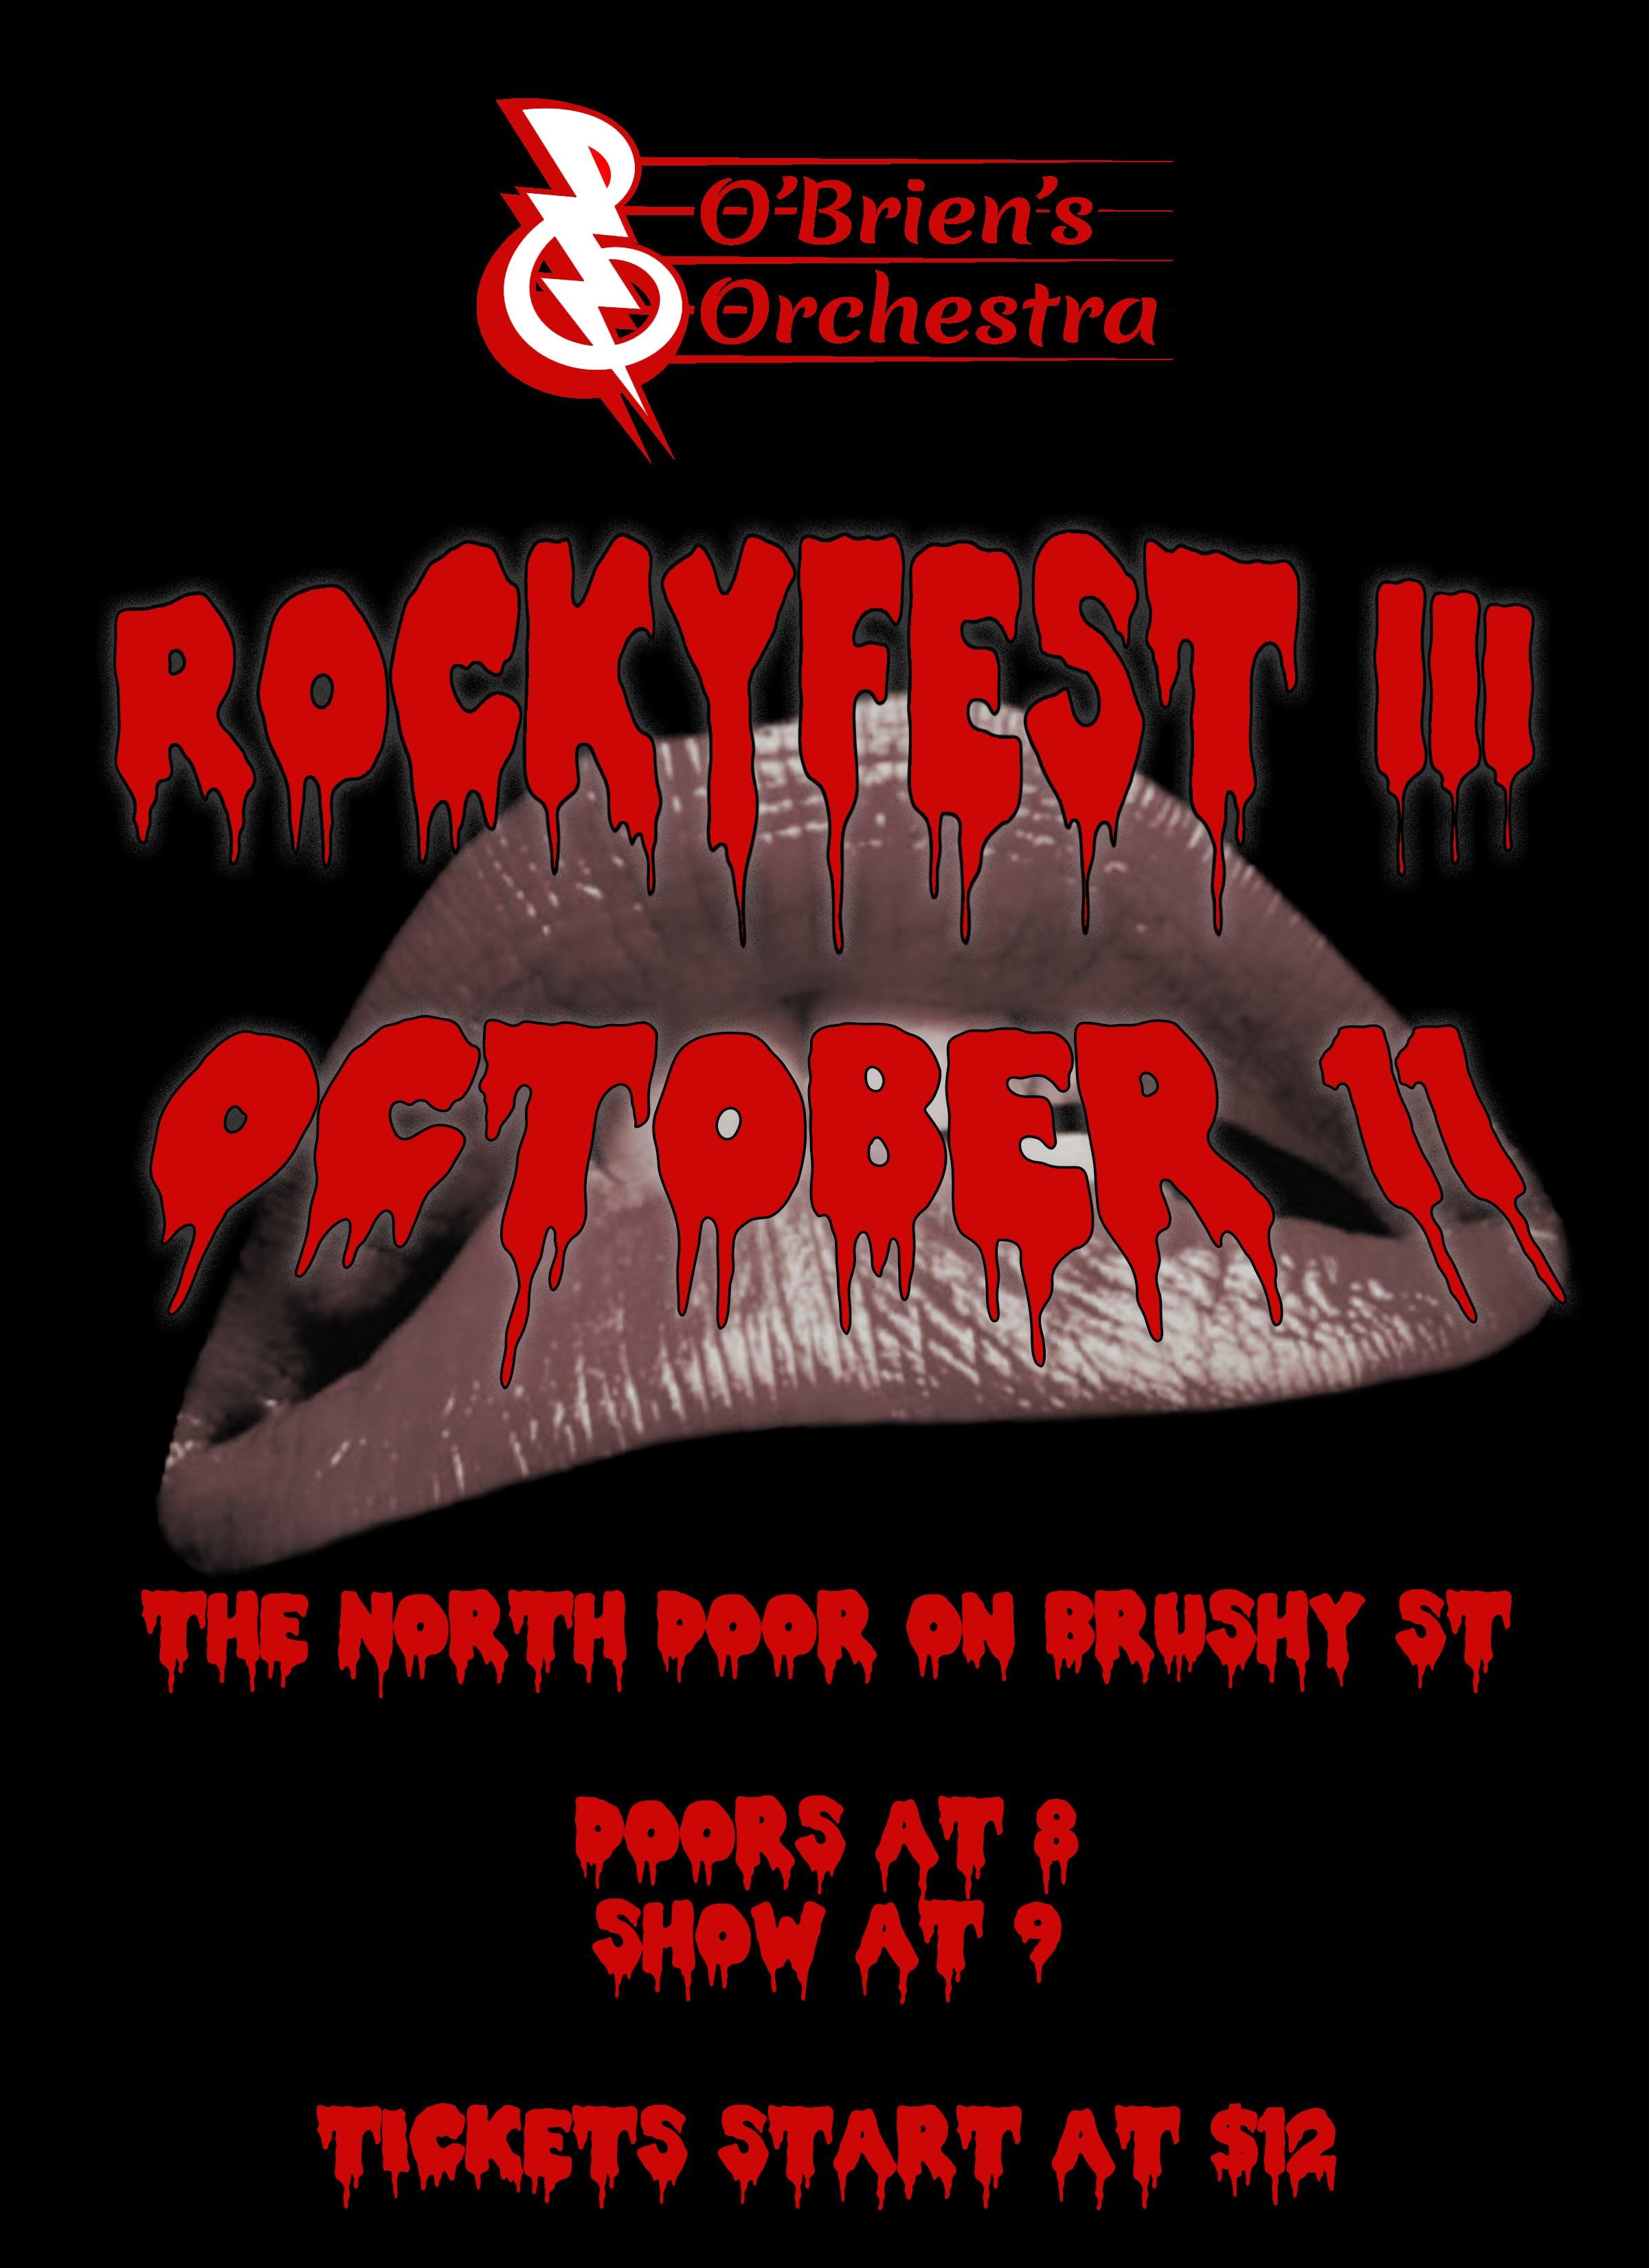 O'Brien's Orchestra presents: Rockyfest III Variety Show